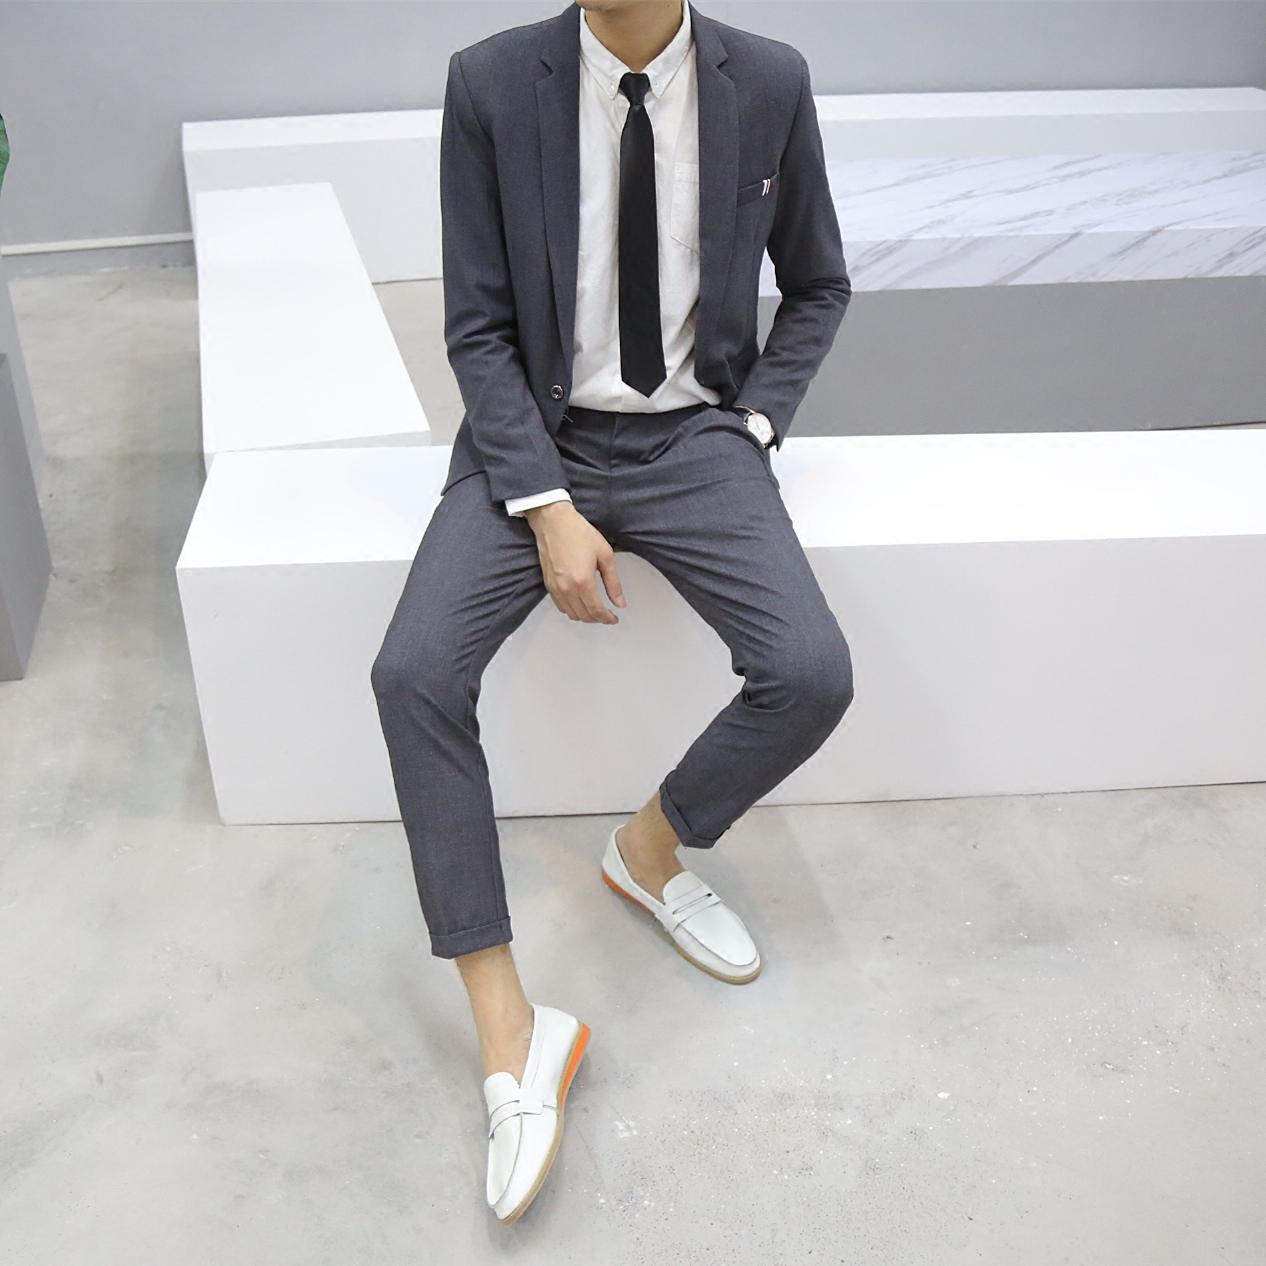 男士西装 男士休闲韩国东大门英伦风韩版帅气修身小西装外套西服套装两件套_推荐淘宝好看的男西装